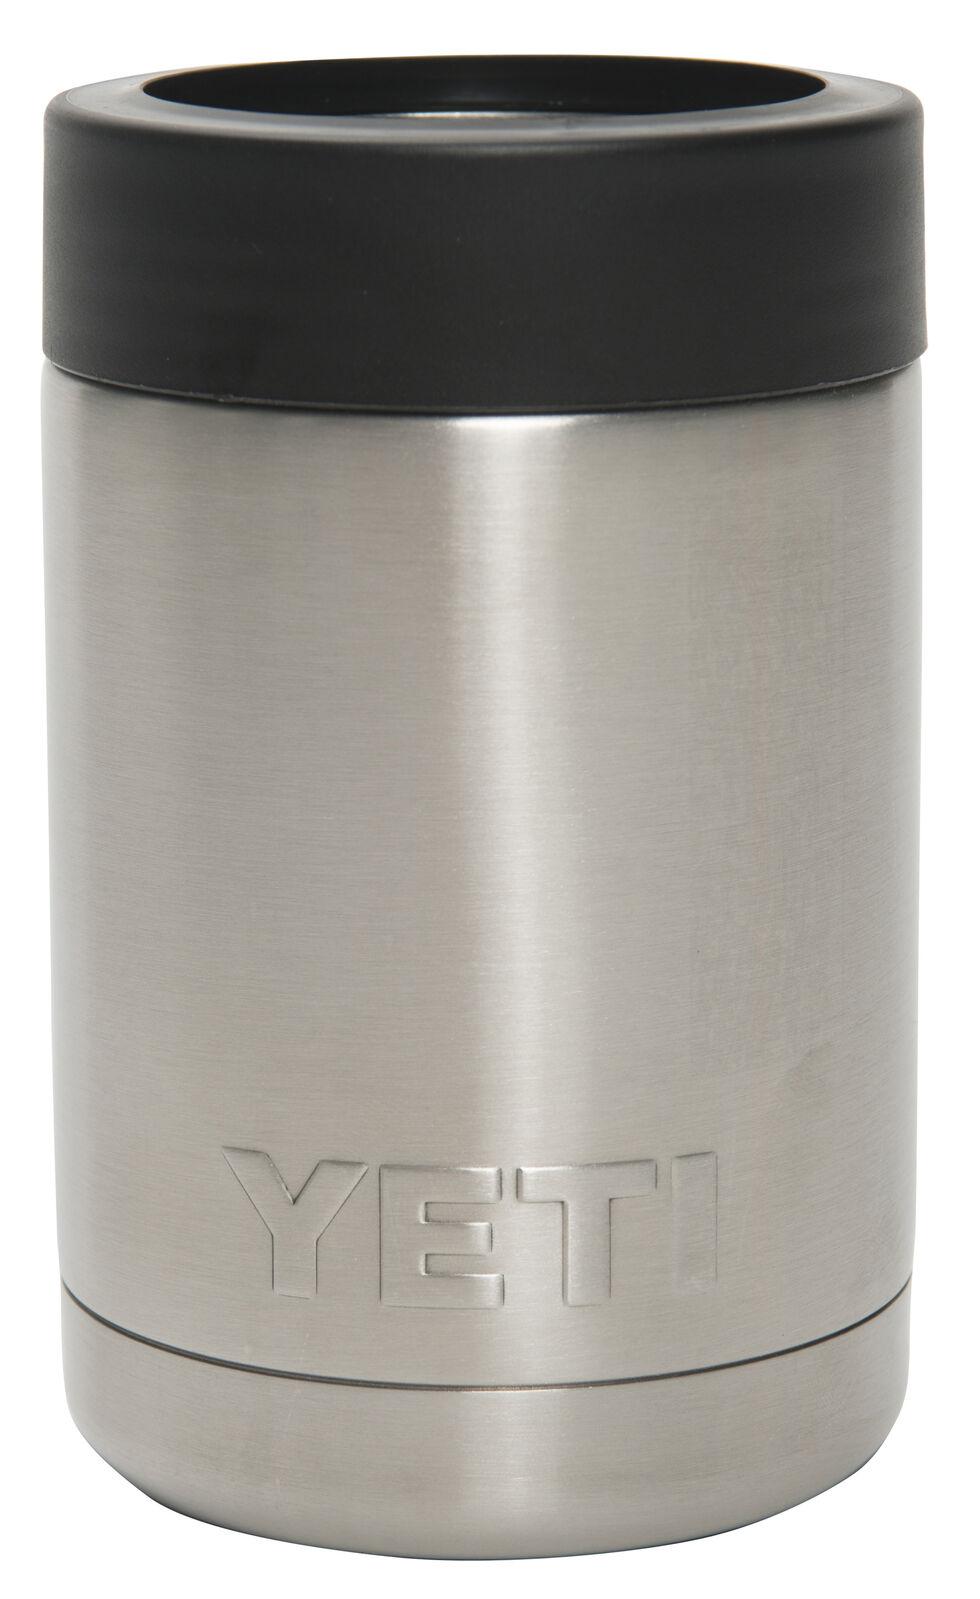 YETI Coolers Rambler Colster, Silver, hi-res